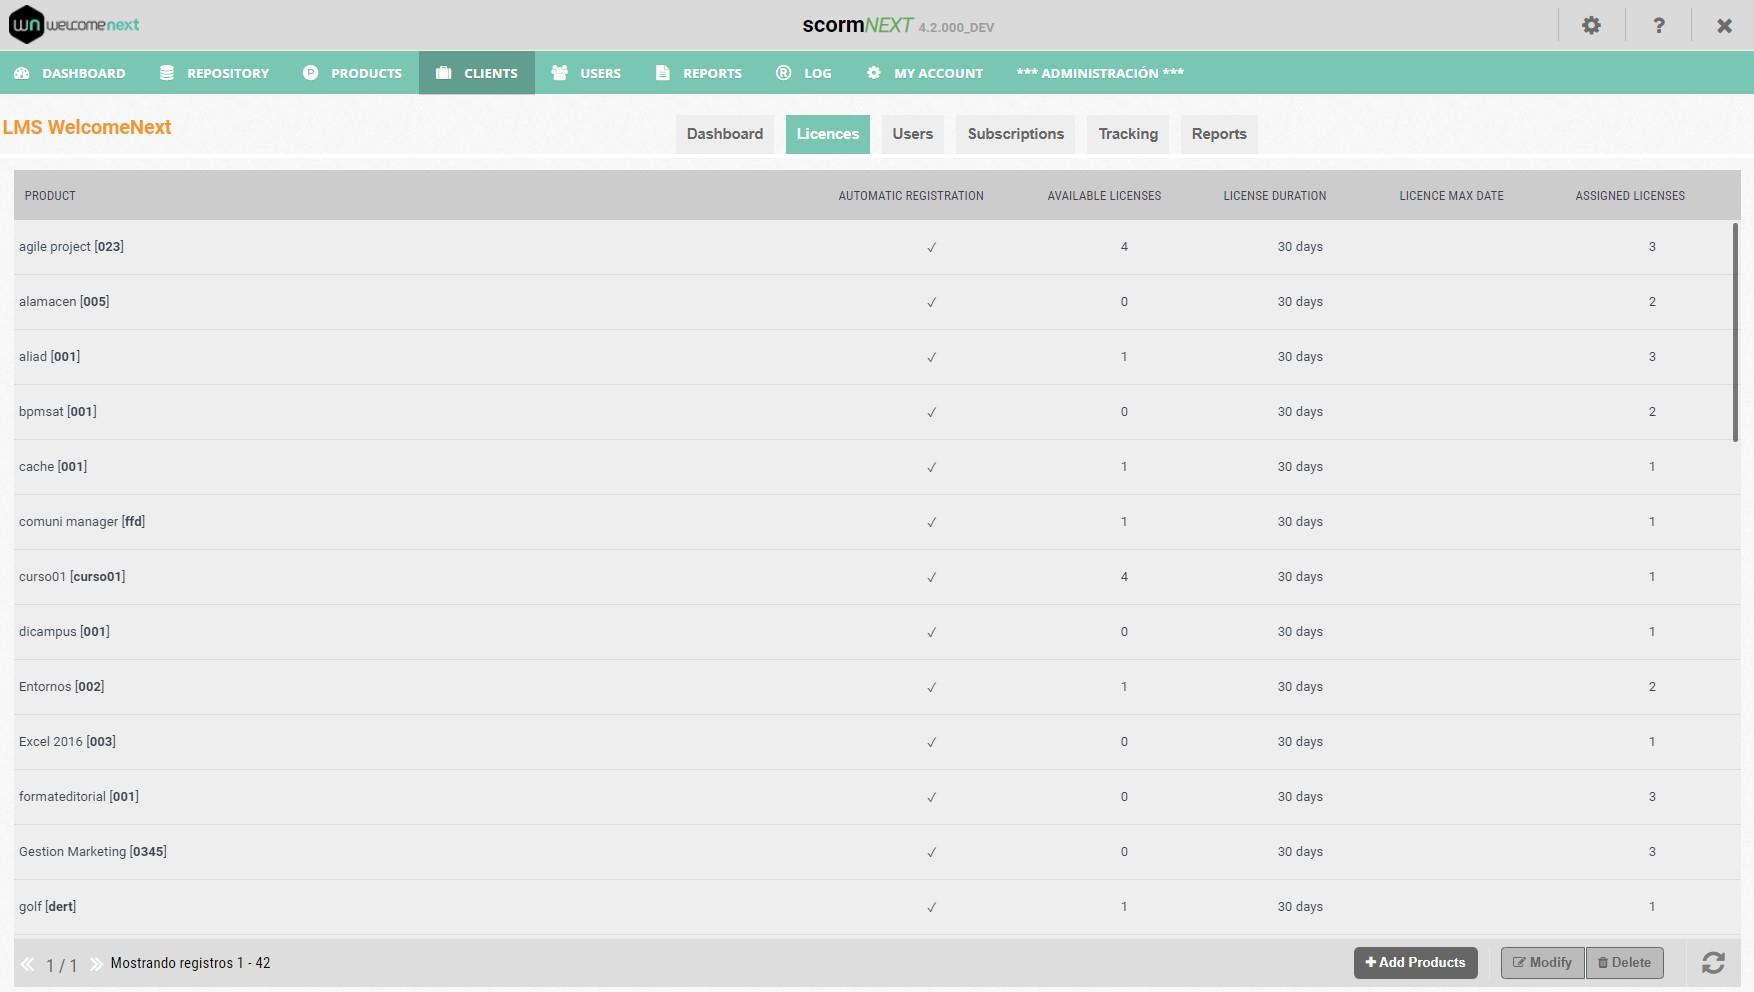 Client management on the scorm-NEXT platform